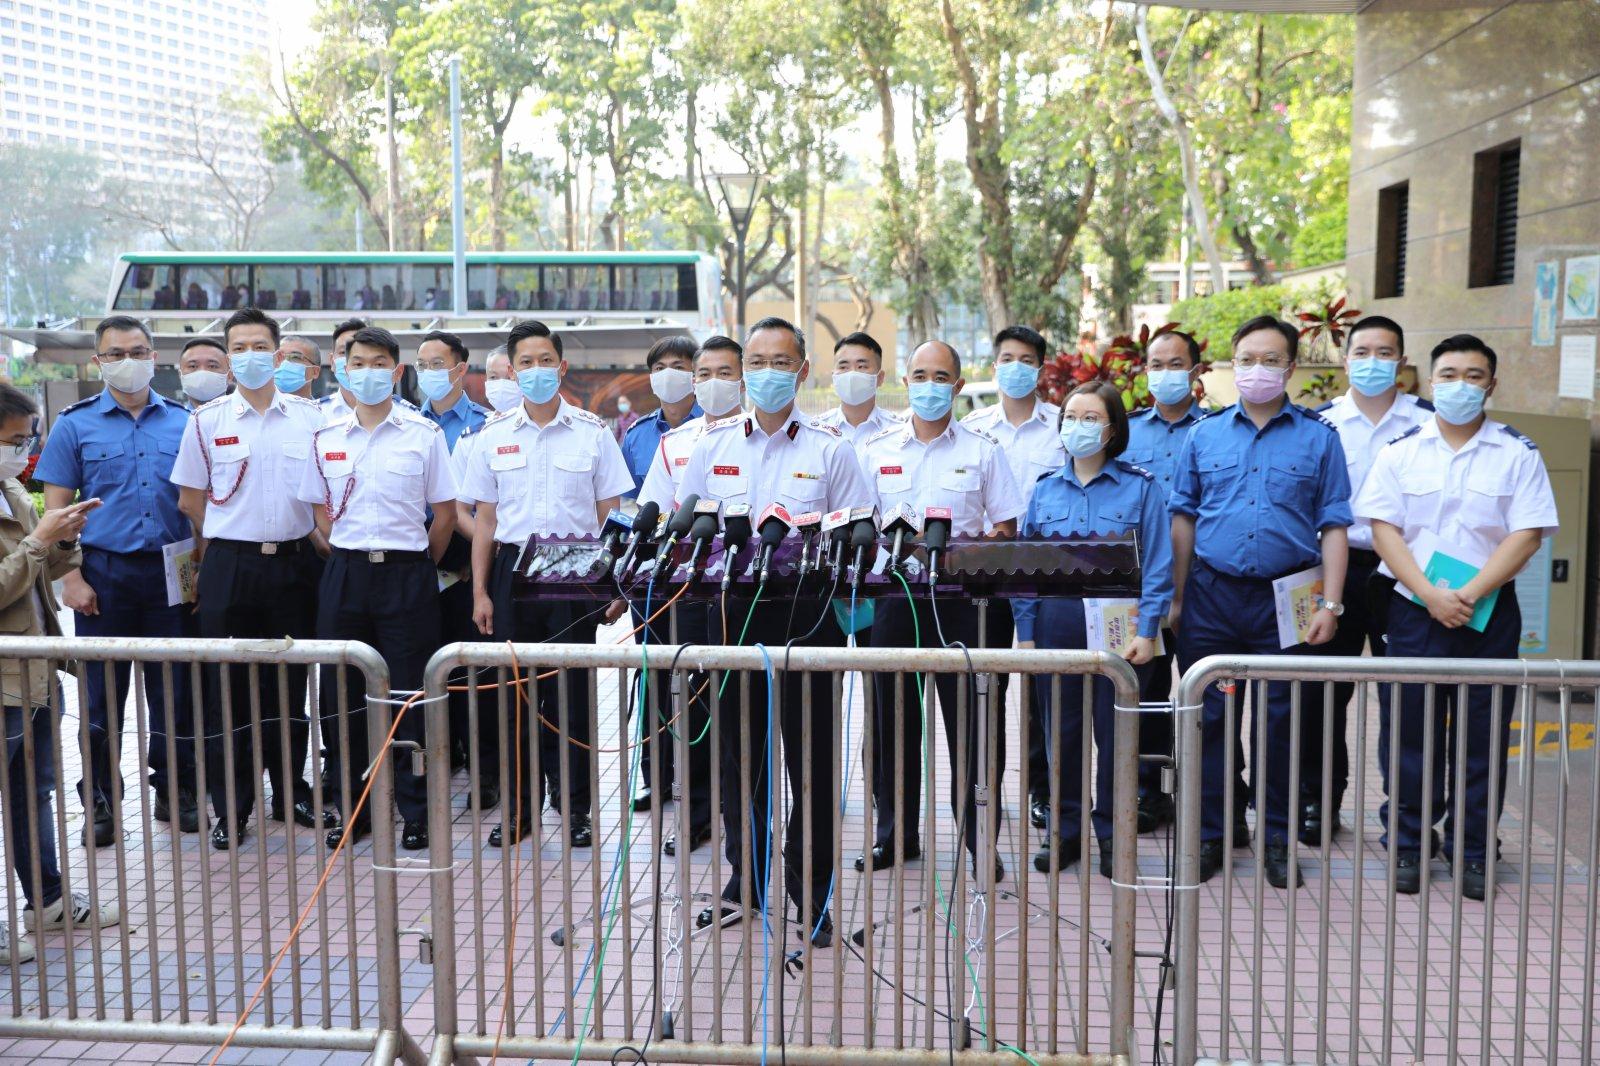 消防處處長梁偉雄帶領20位同事接種疫苗。大公文匯全媒體記者李斯哲 攝